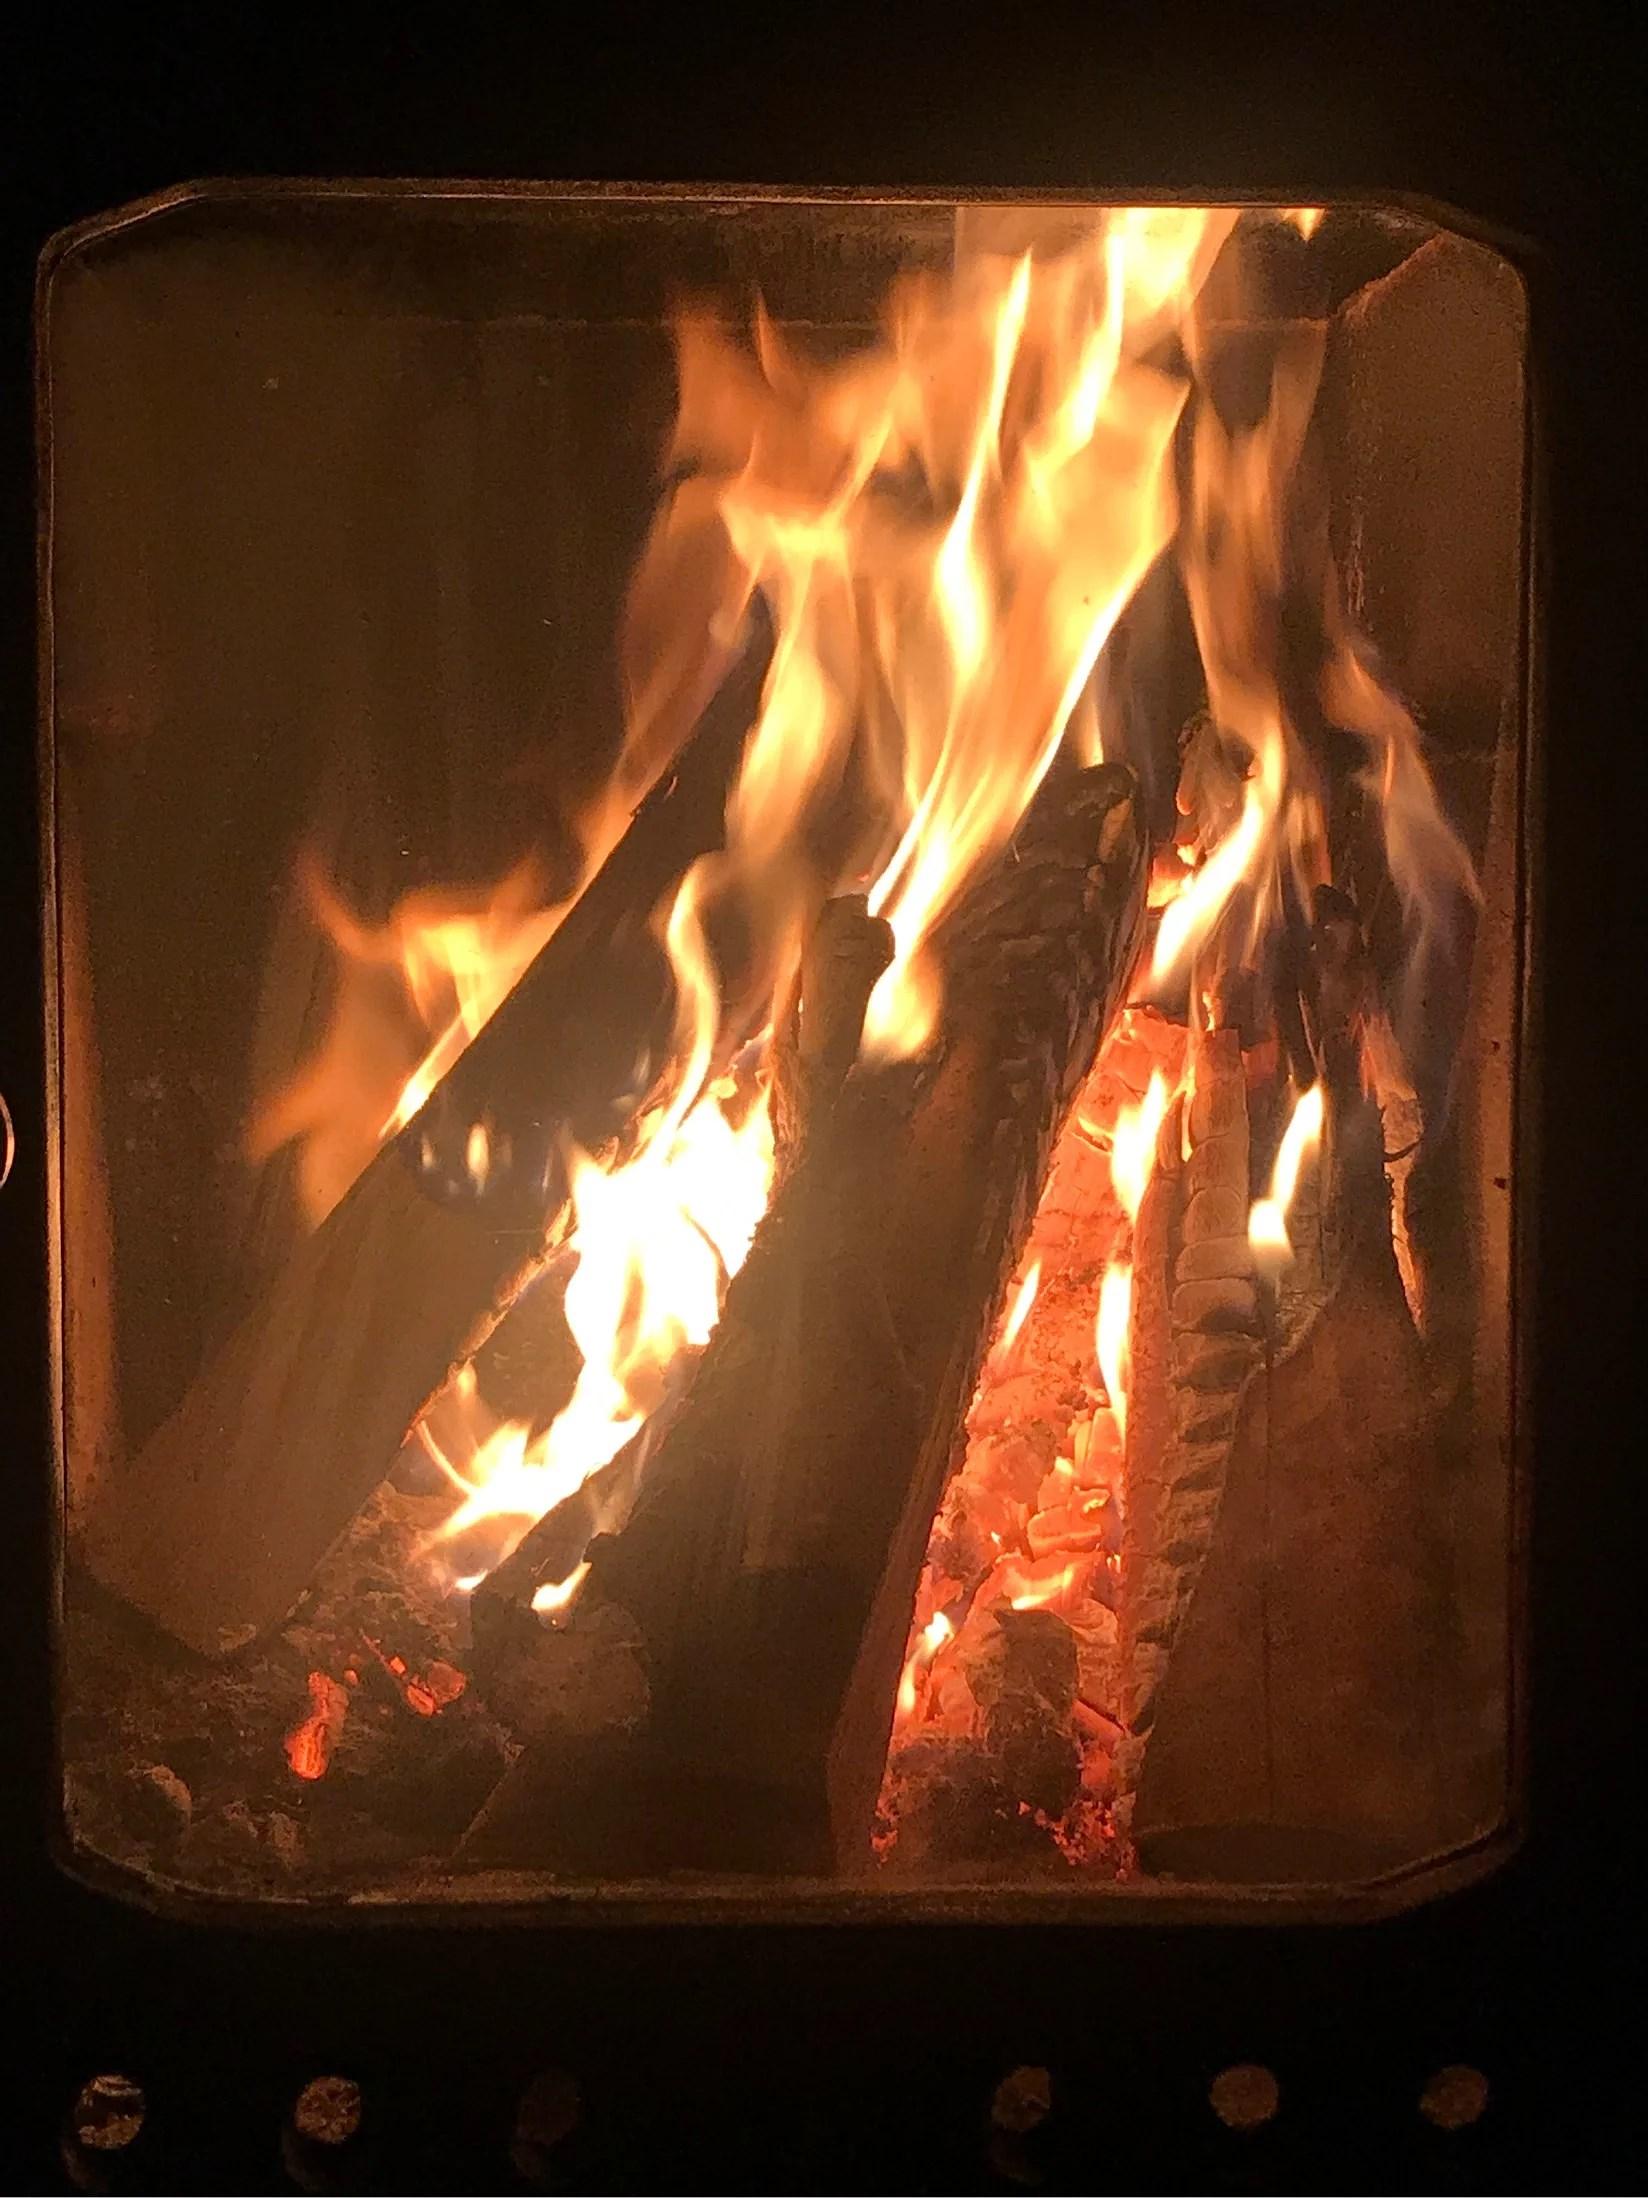 Måste bli varm